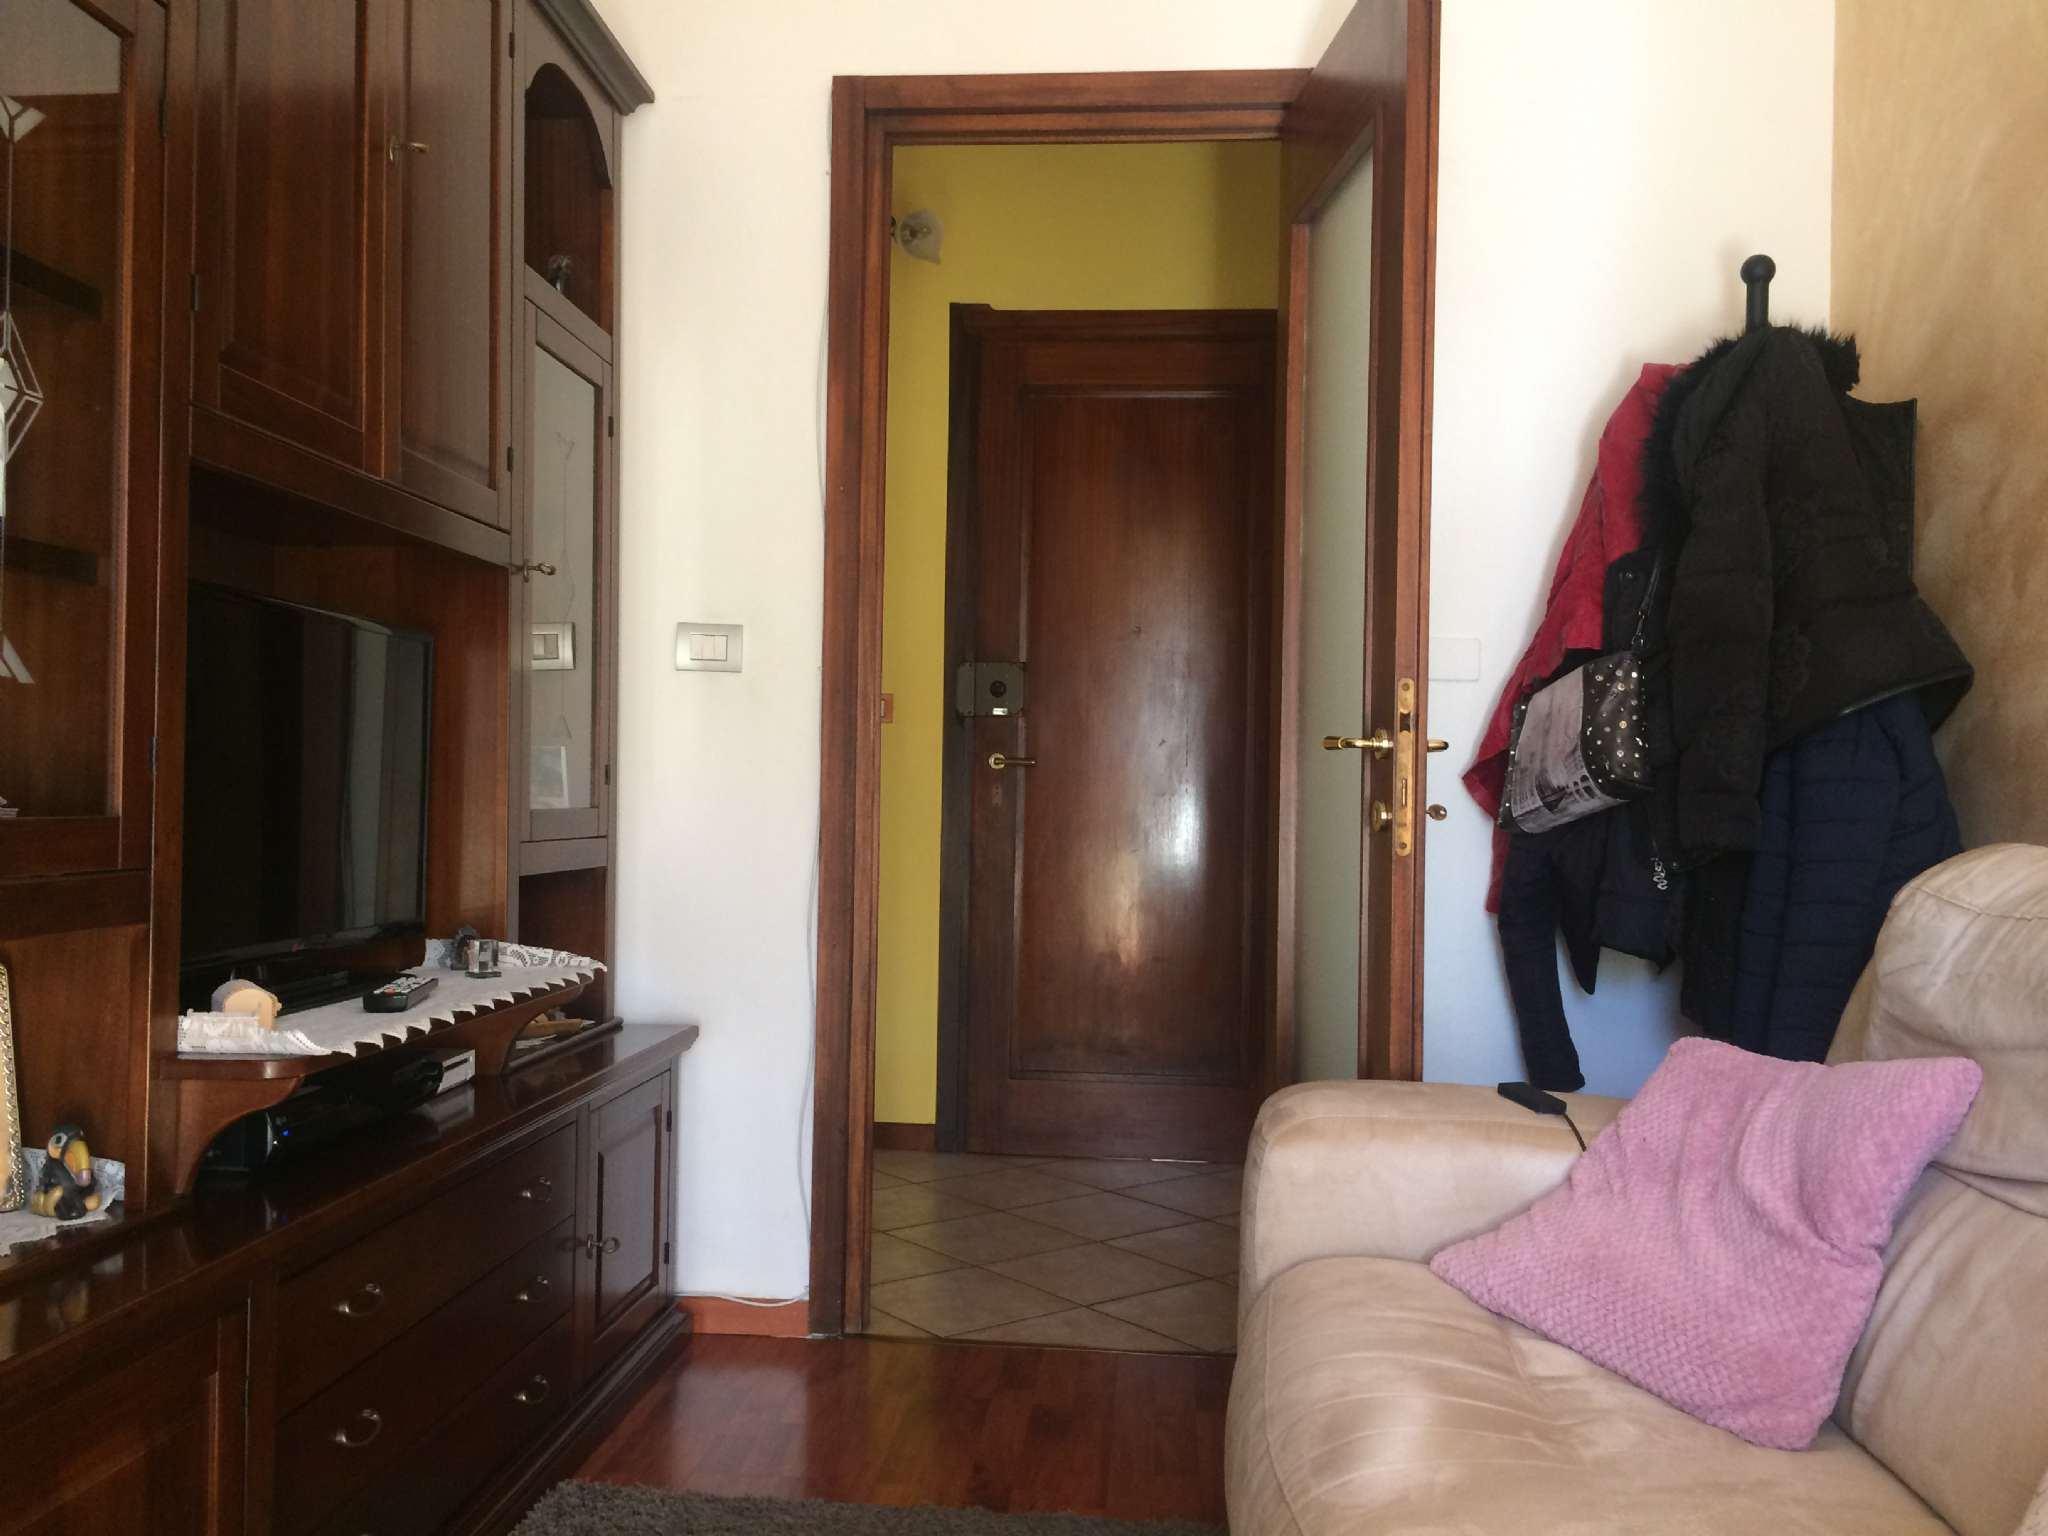 Appartamento in vendita a Cuneo, 4 locali, prezzo € 108.000 | PortaleAgenzieImmobiliari.it